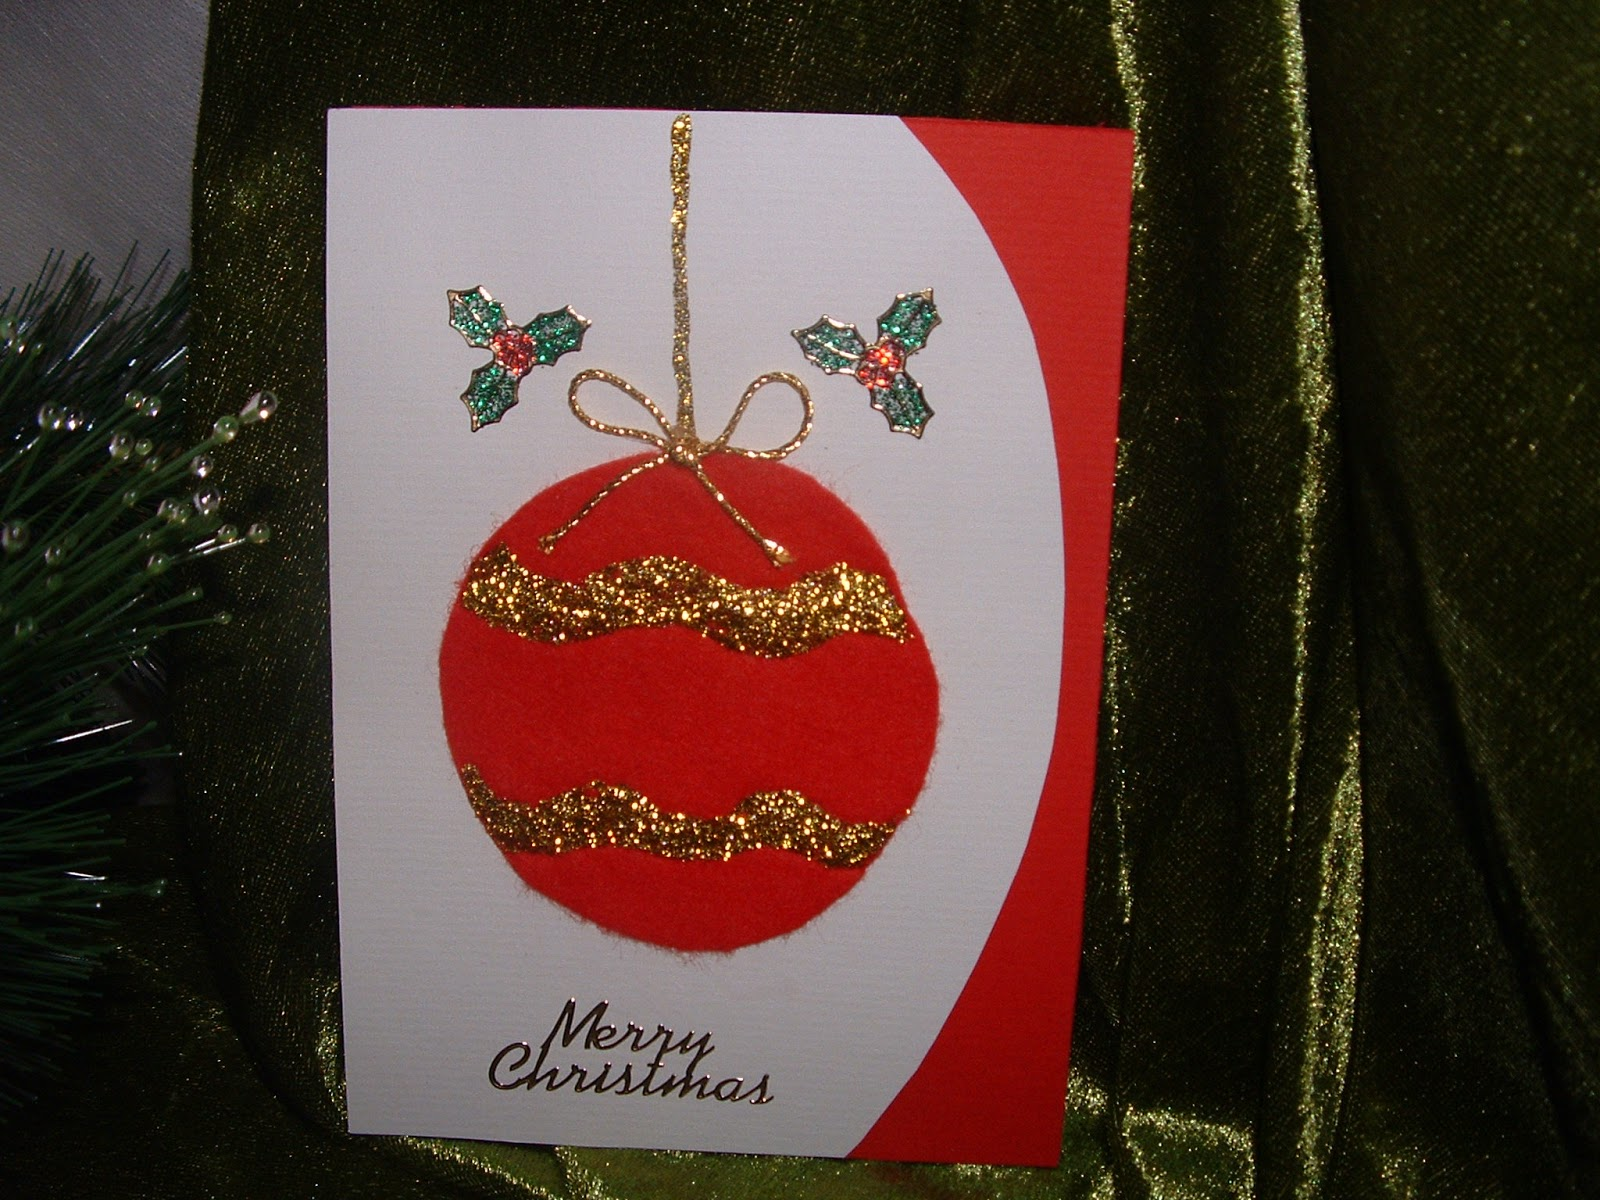 Il bruco bigliettini natalizi per la scuola dell 39 infanzia for Cartelloni di natale per la scuola dell infanzia